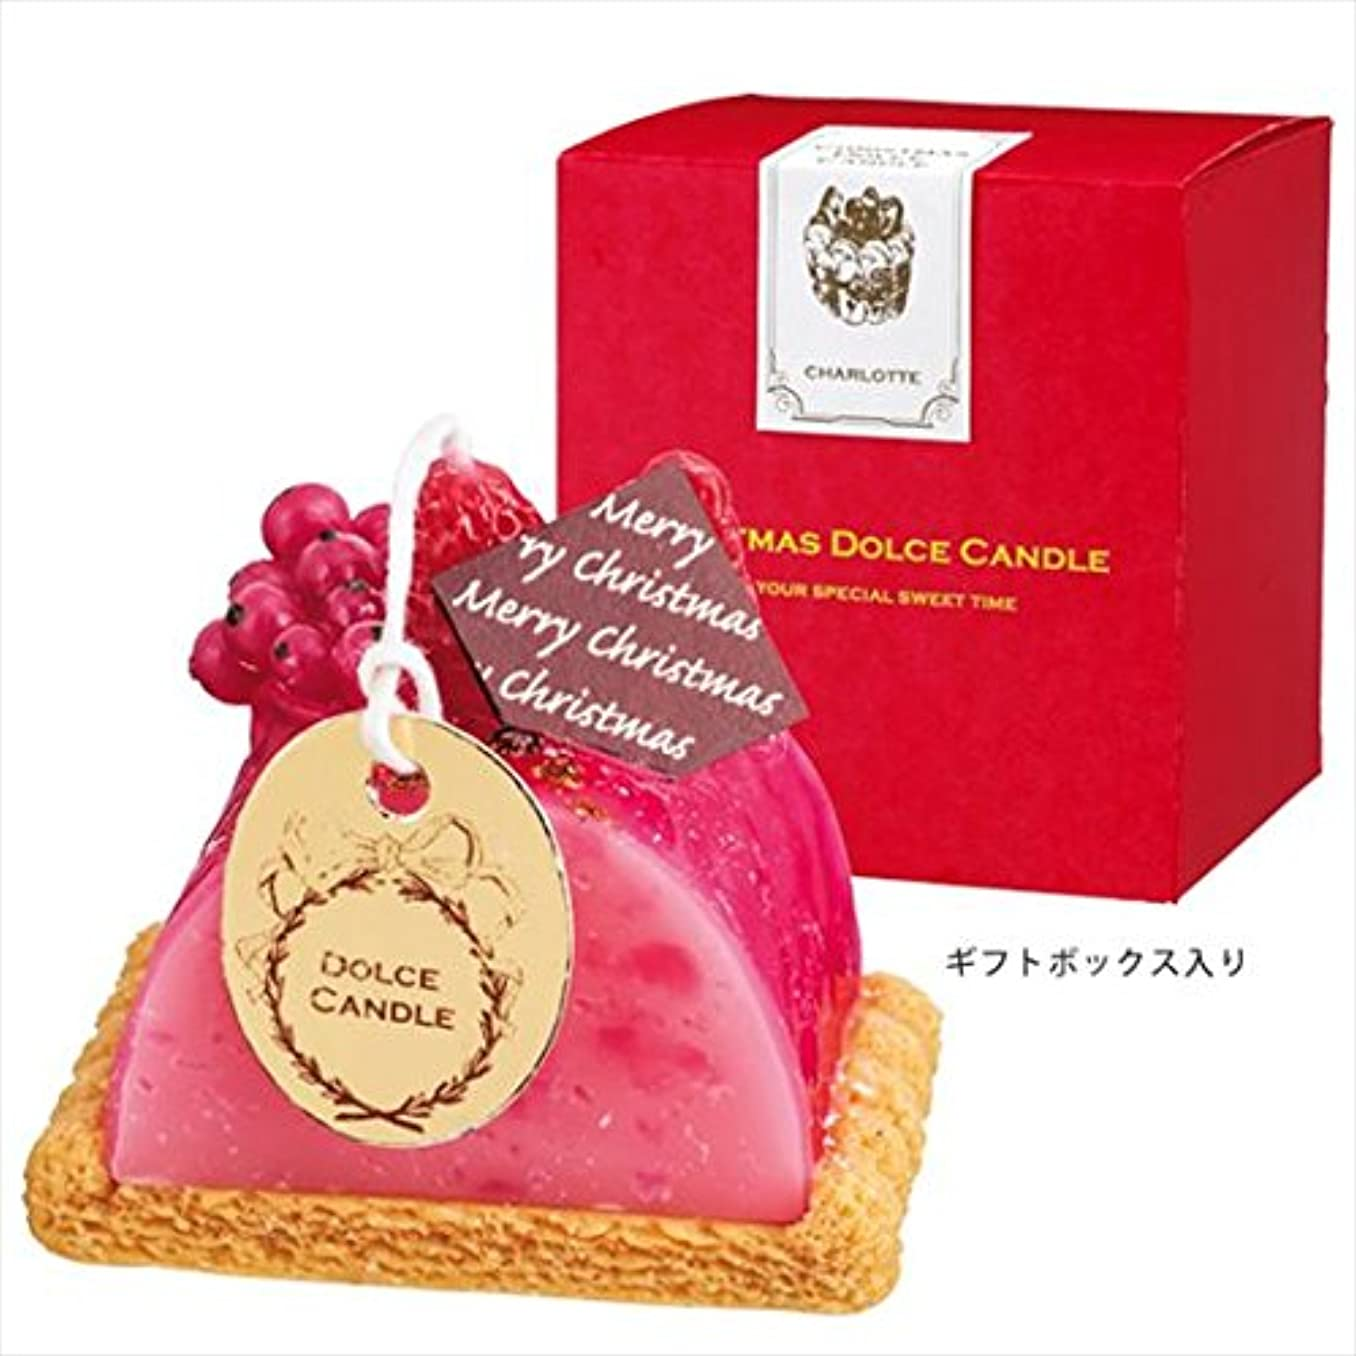 うねる広い復活させるカメヤマキャンドル(kameyama candle) クリスマスドルチェキャンドル 「 ストロベリームース 」